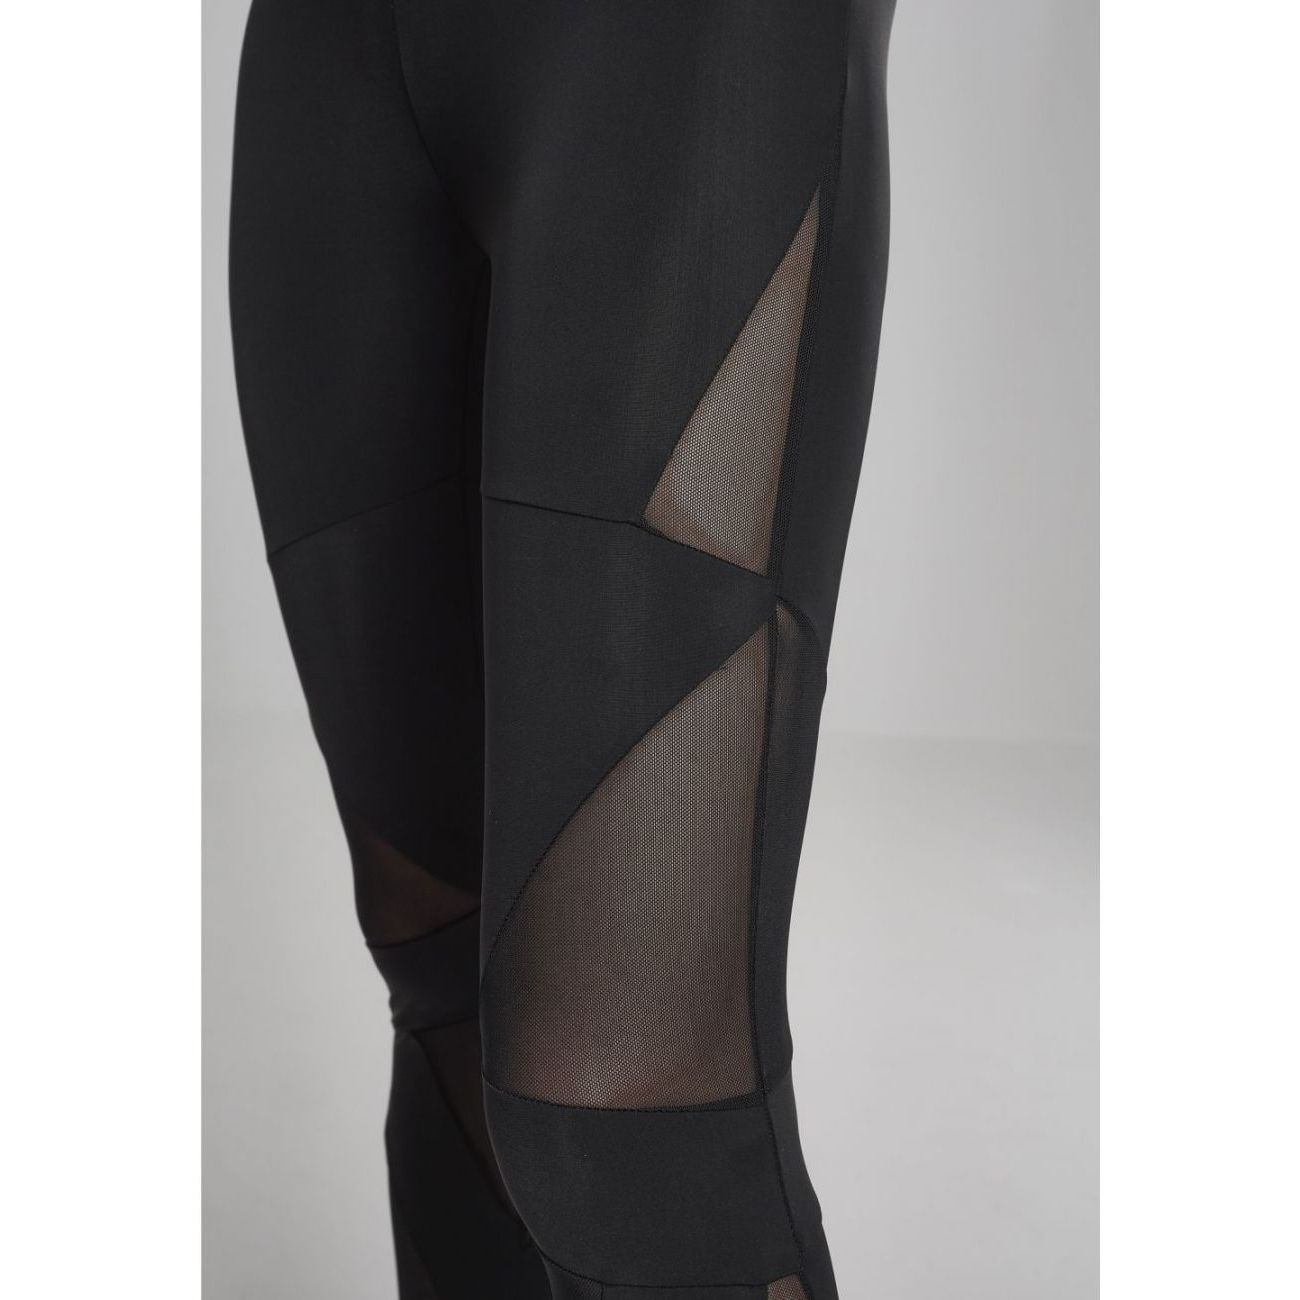 Yoga femme URBAN CLASSICS Legging avec empiècement triangle en mesh